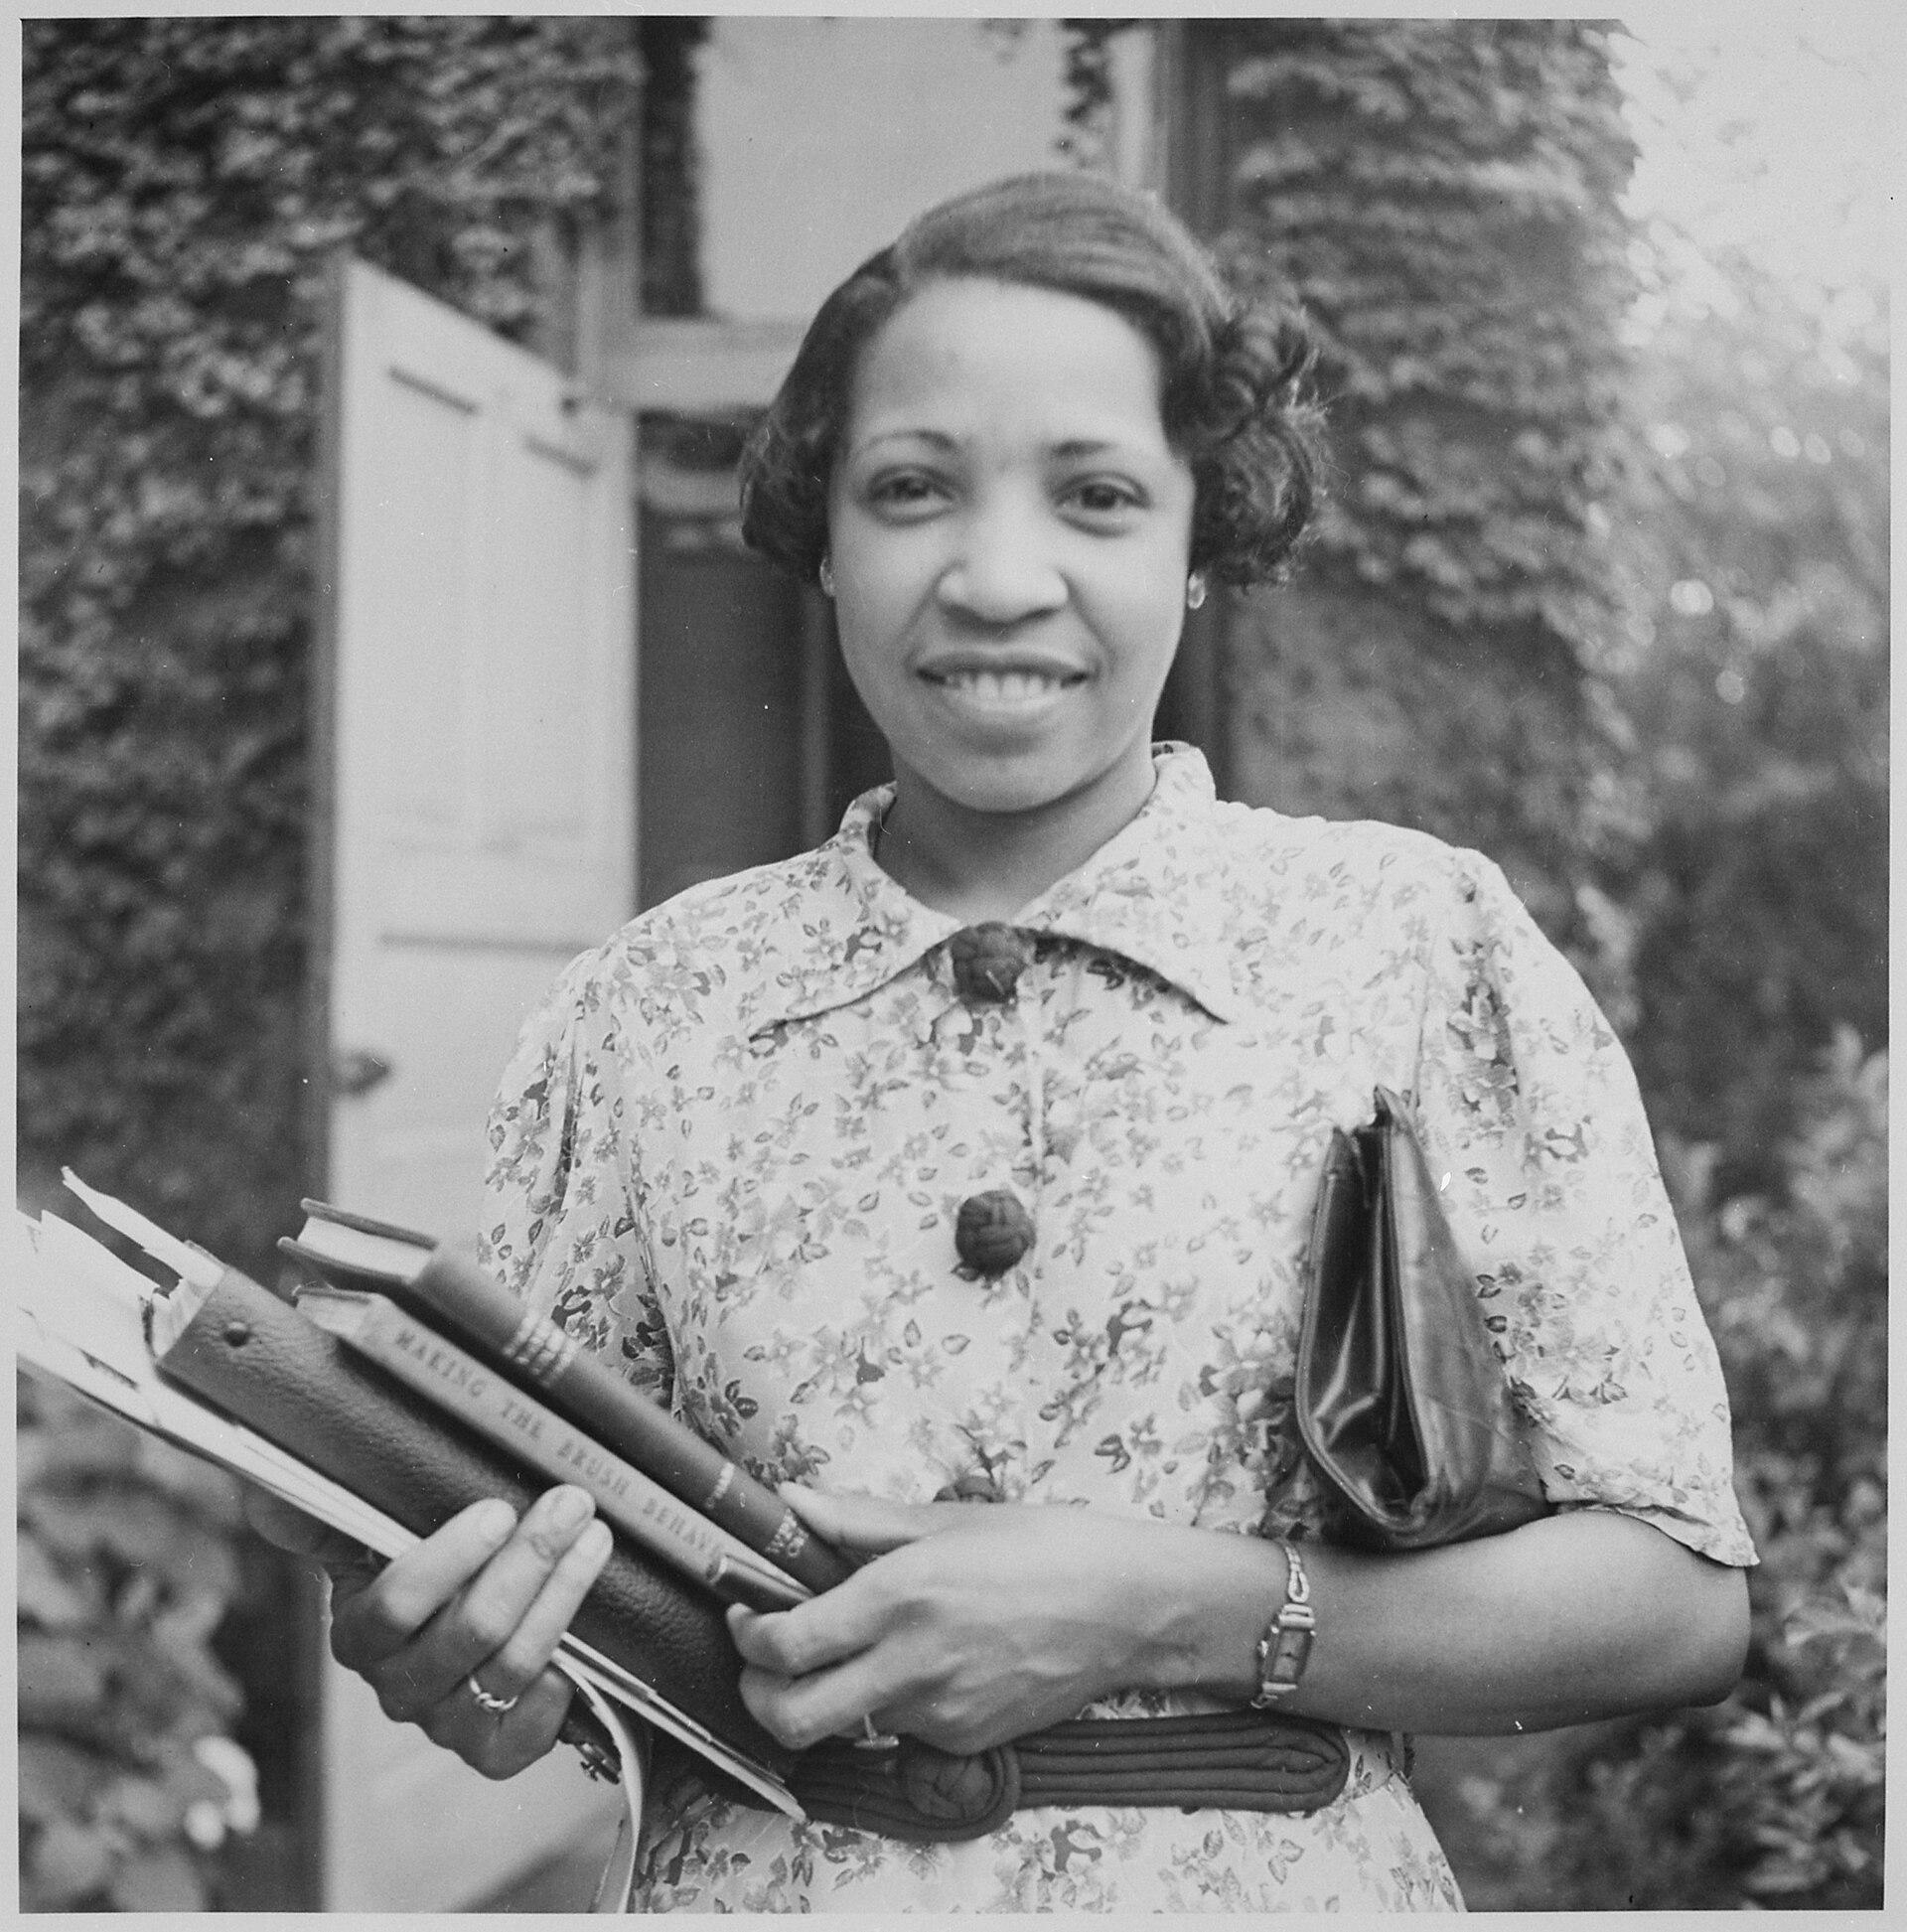 1930 1920 S S Portraiture